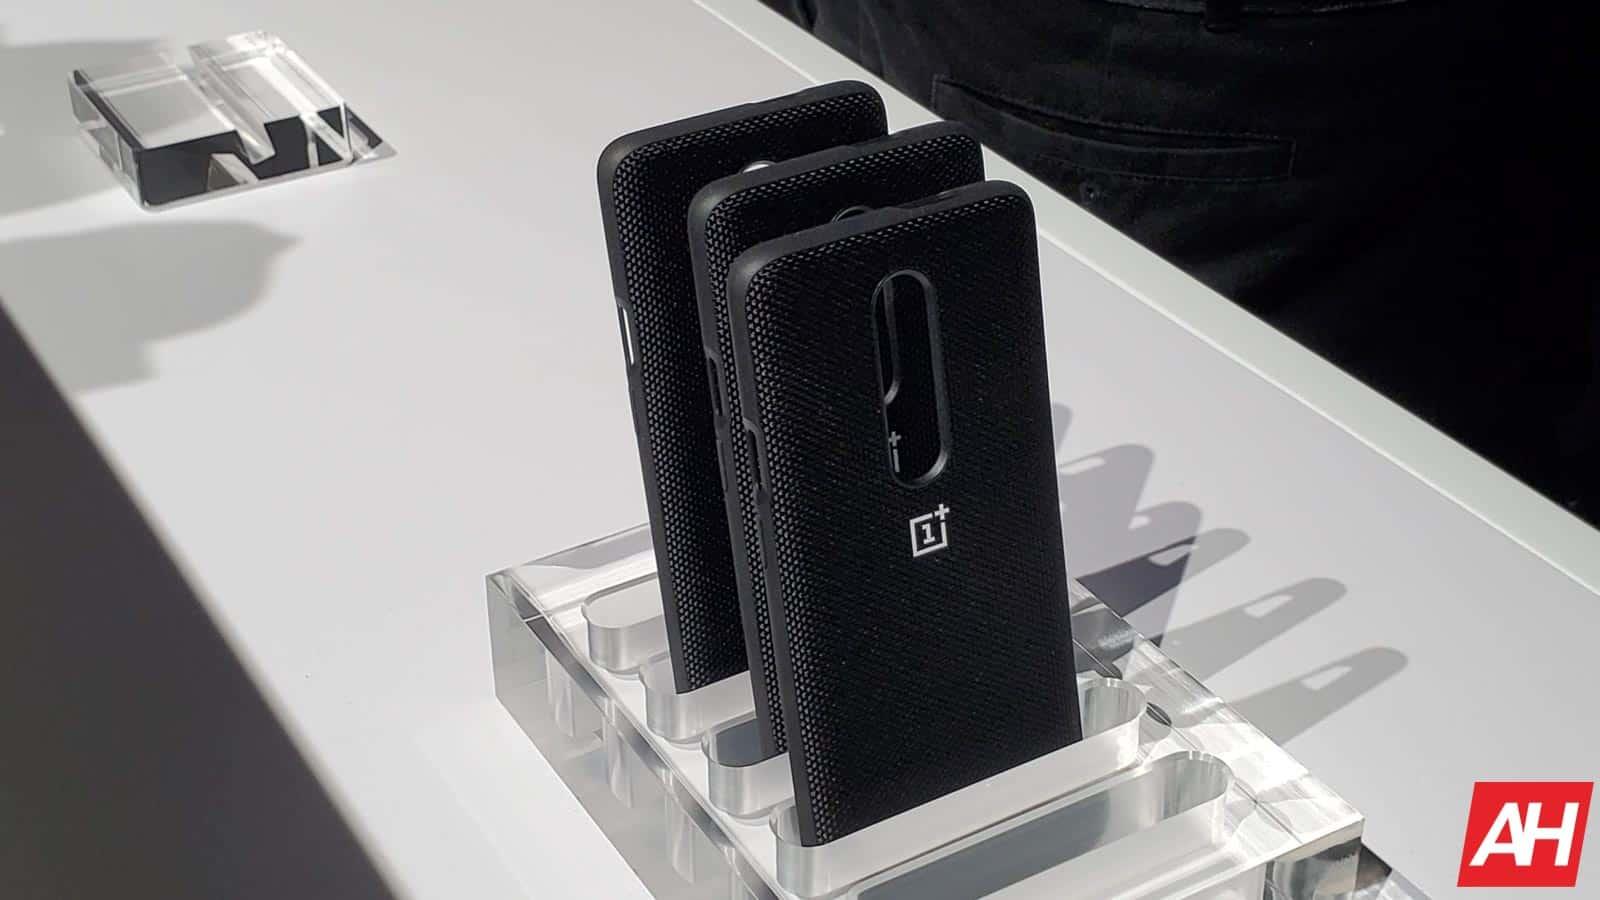 OnePlus 7 Pro AM AH 17